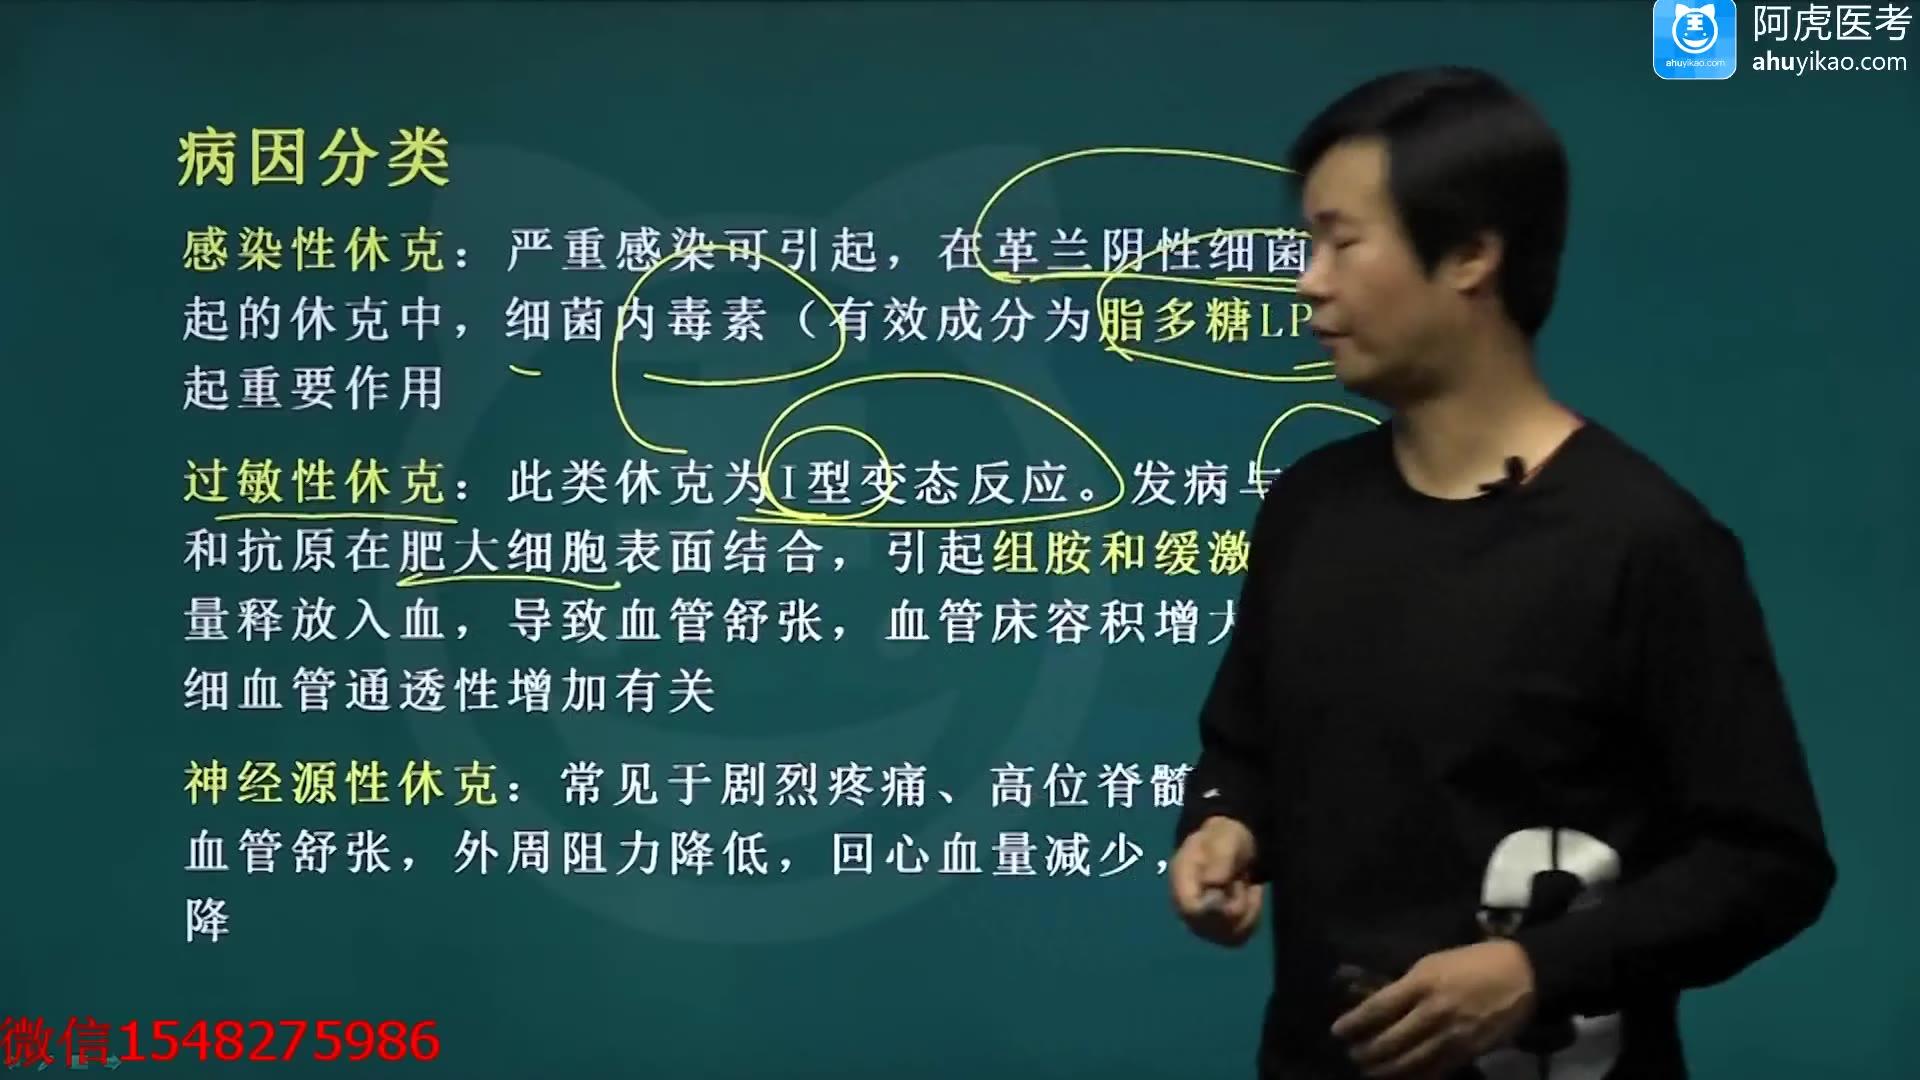 2021阿虎医考急诊医学副主任医师最新视频课程-休克